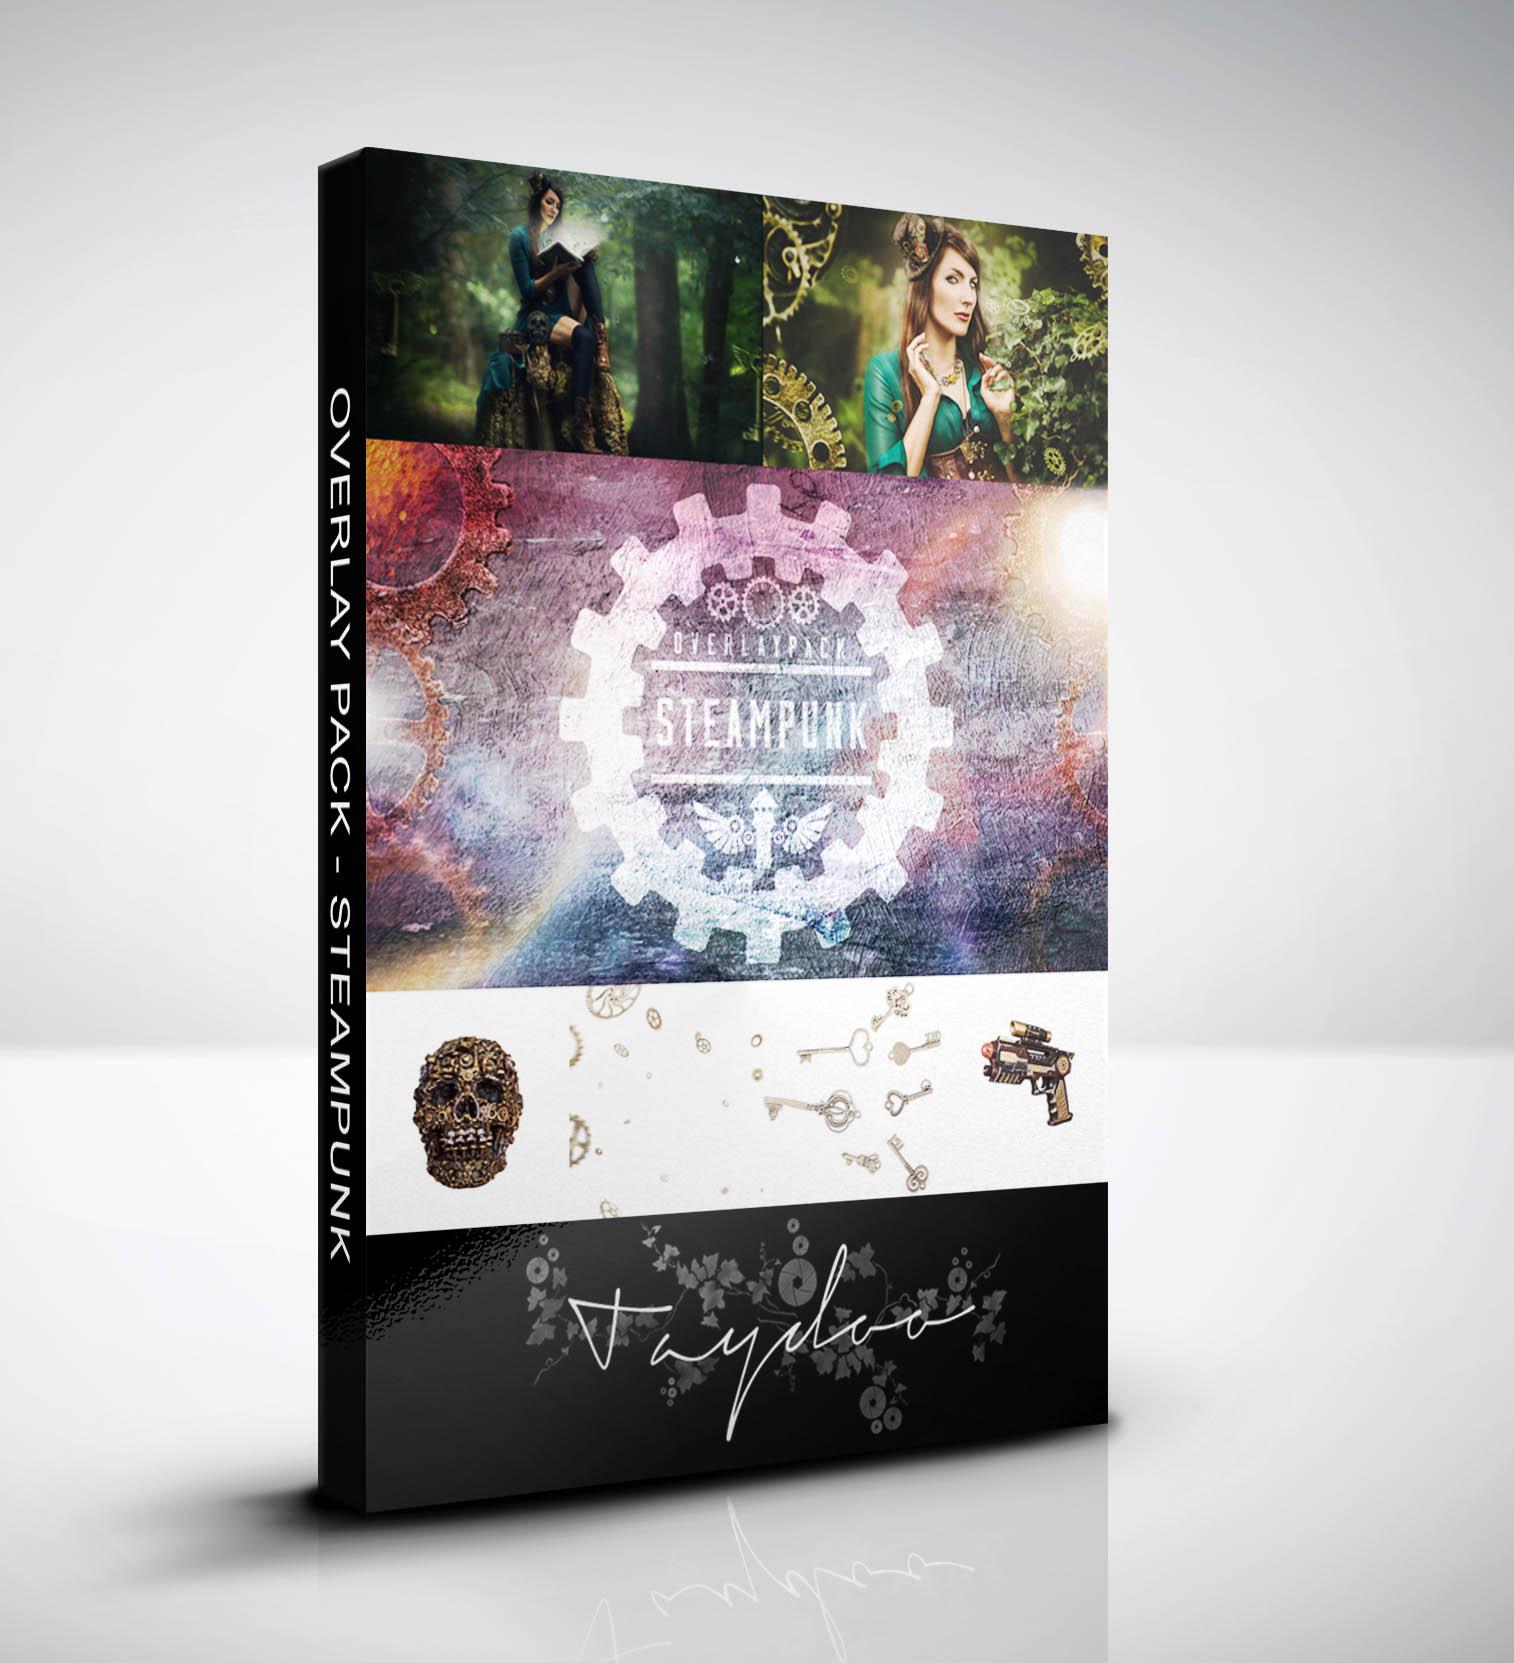 produktbox - Steampunk